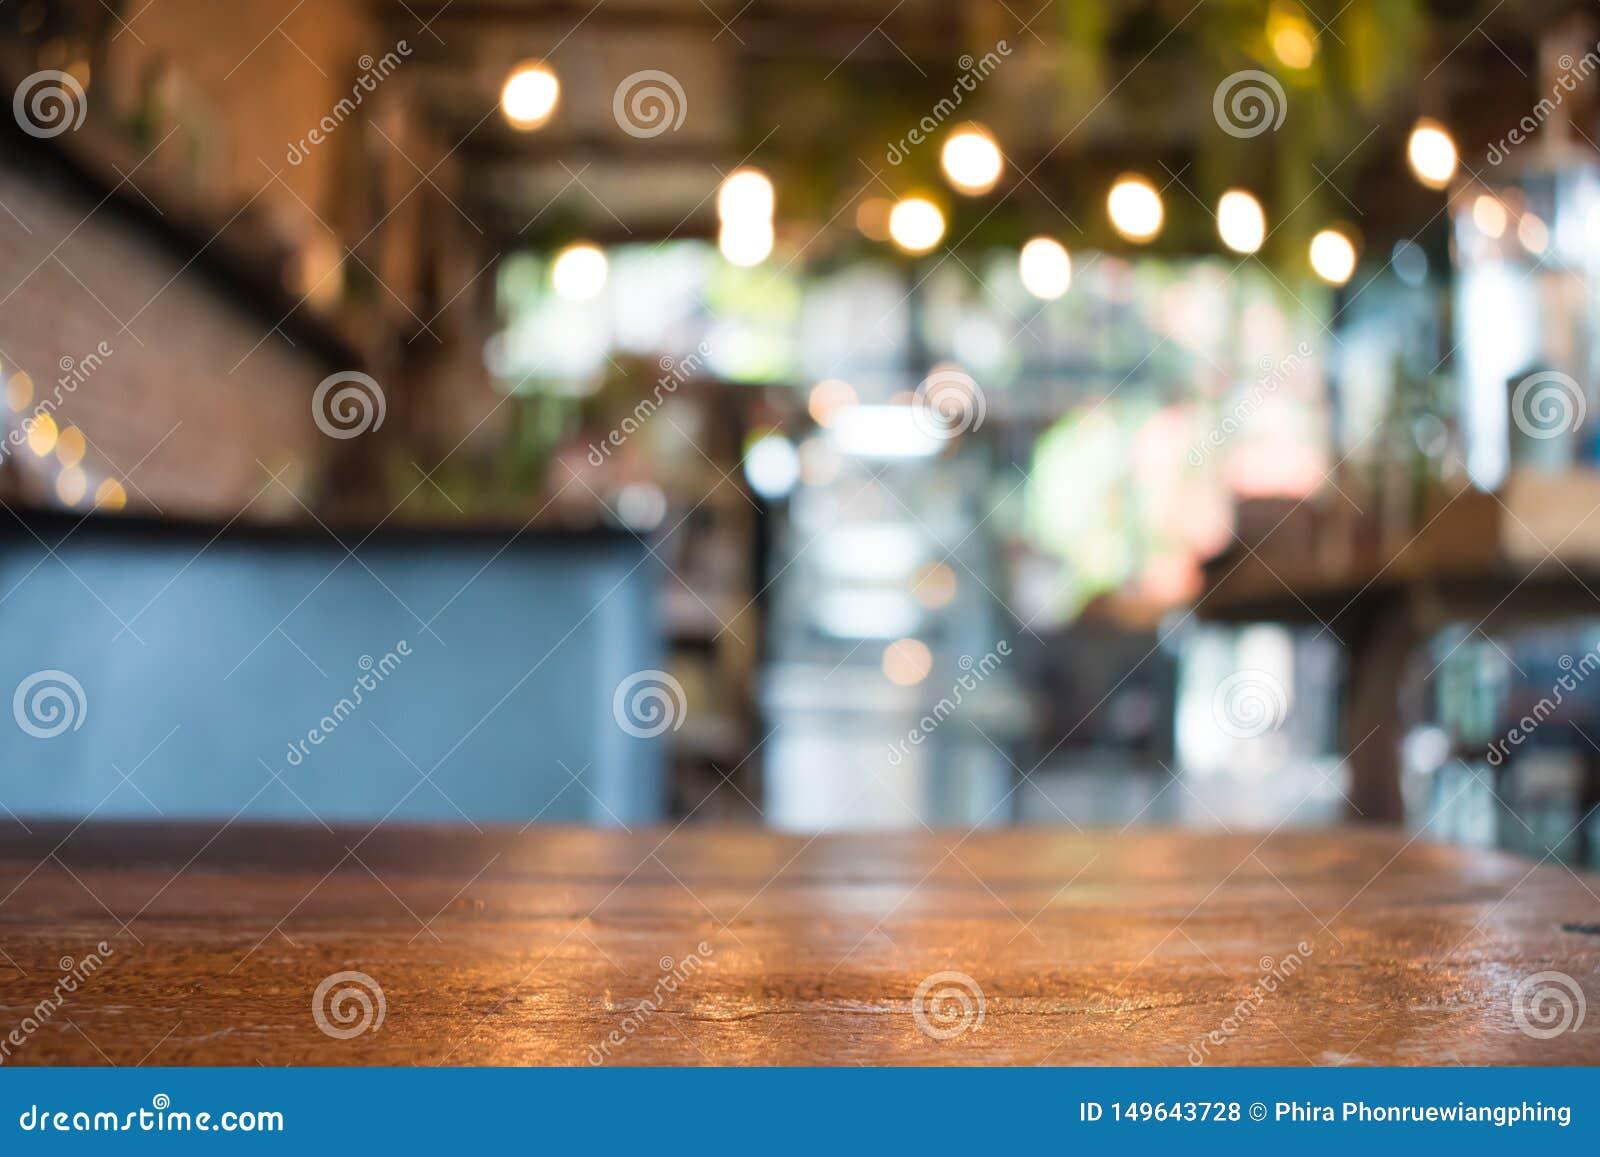 Onscherpe beelden in een koffie De achtergrond van het onduidelijke beeld